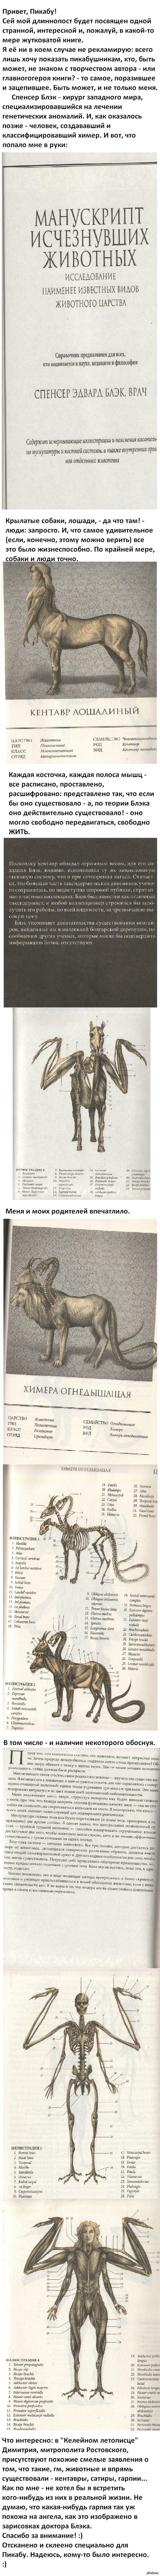 Манускрипт исчезнувших животных Фрагменты.